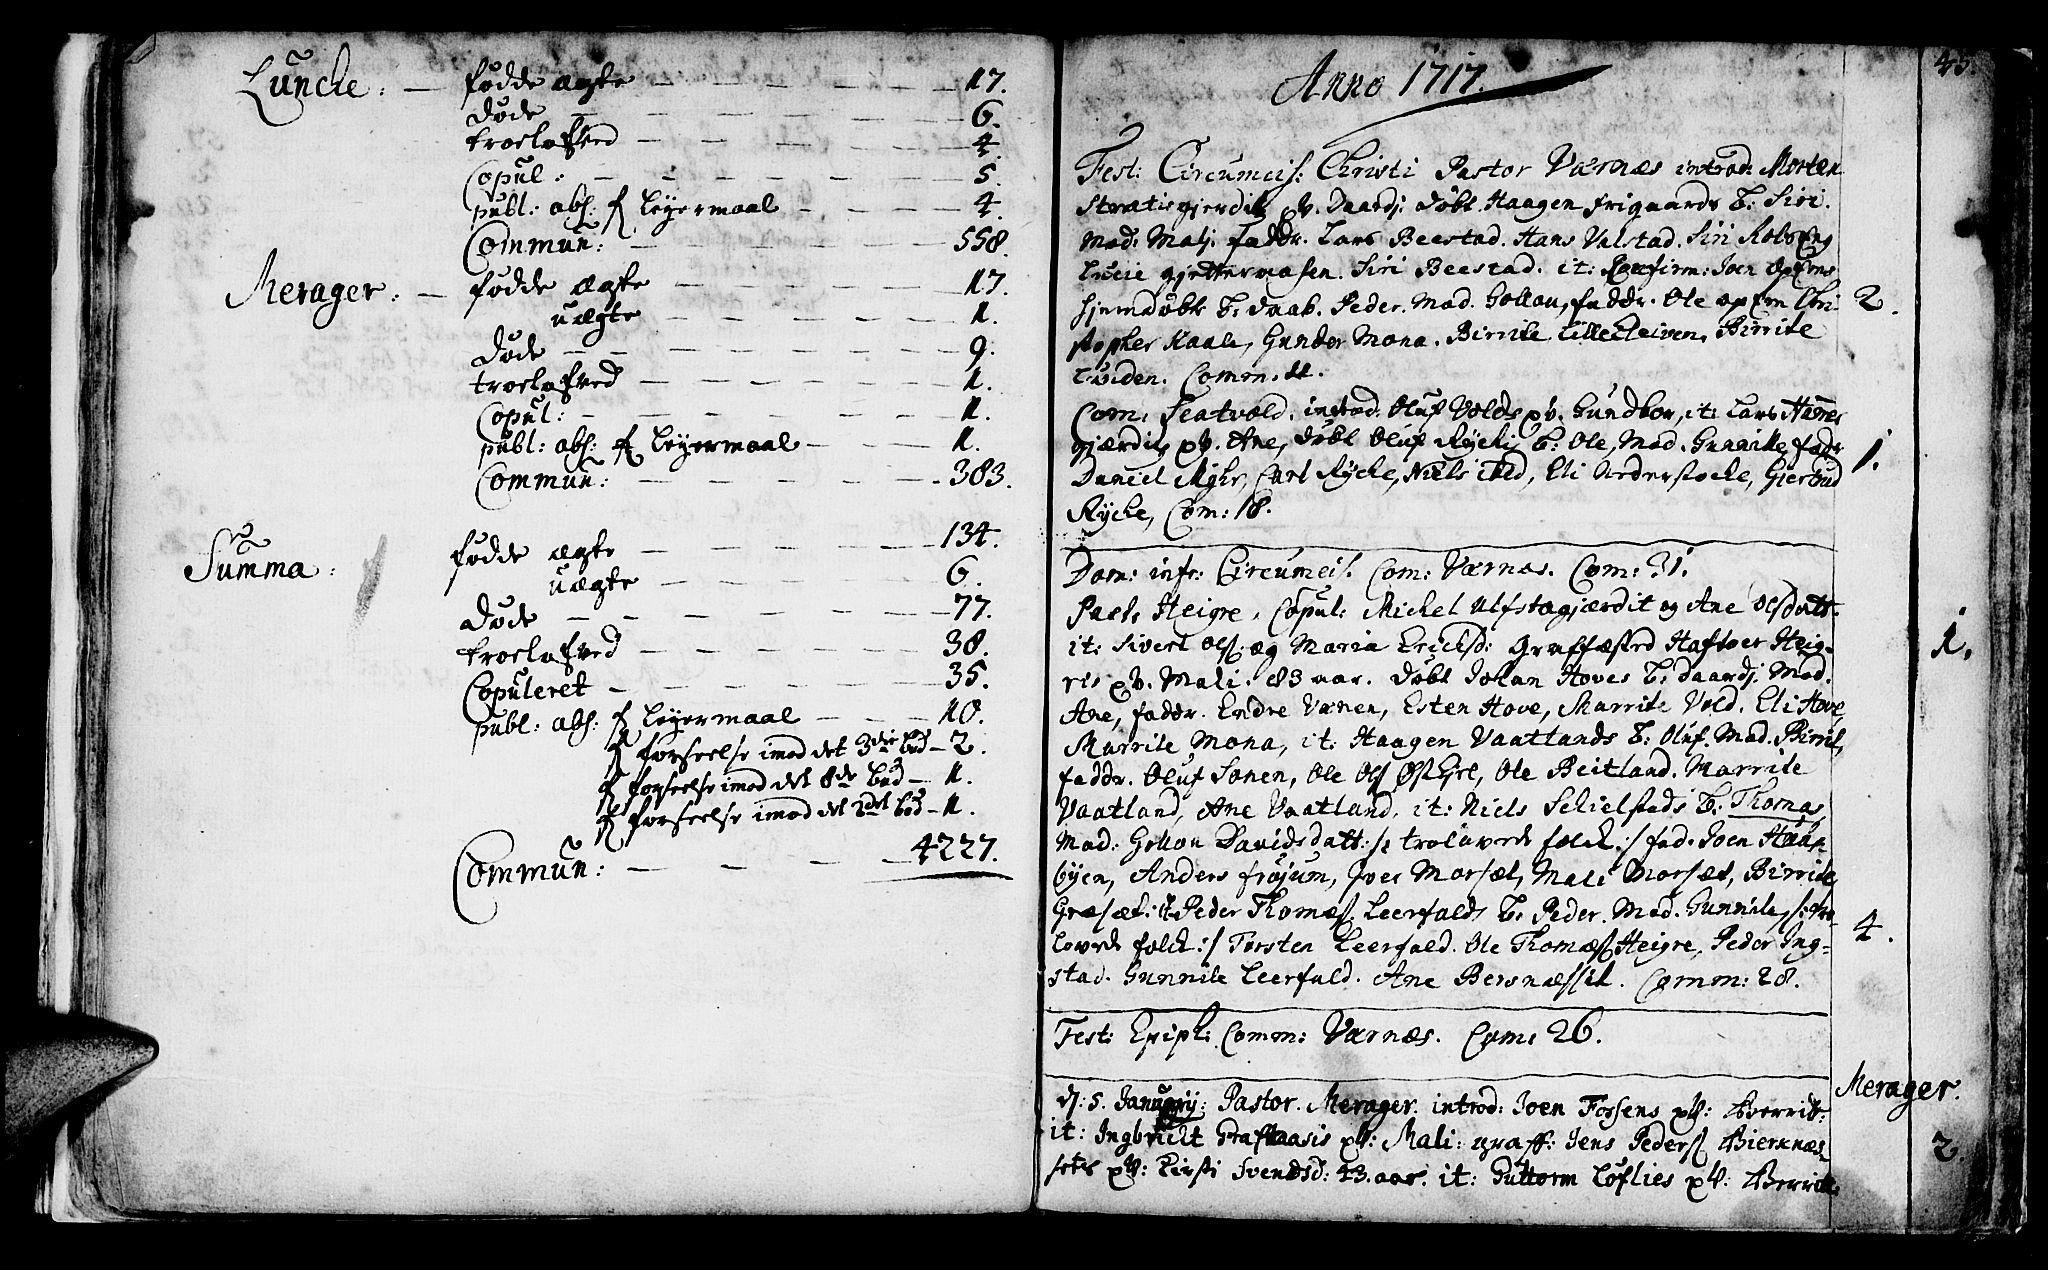 SAT, Ministerialprotokoller, klokkerbøker og fødselsregistre - Nord-Trøndelag, 709/L0054: Ministerialbok nr. 709A02, 1714-1738, s. 45